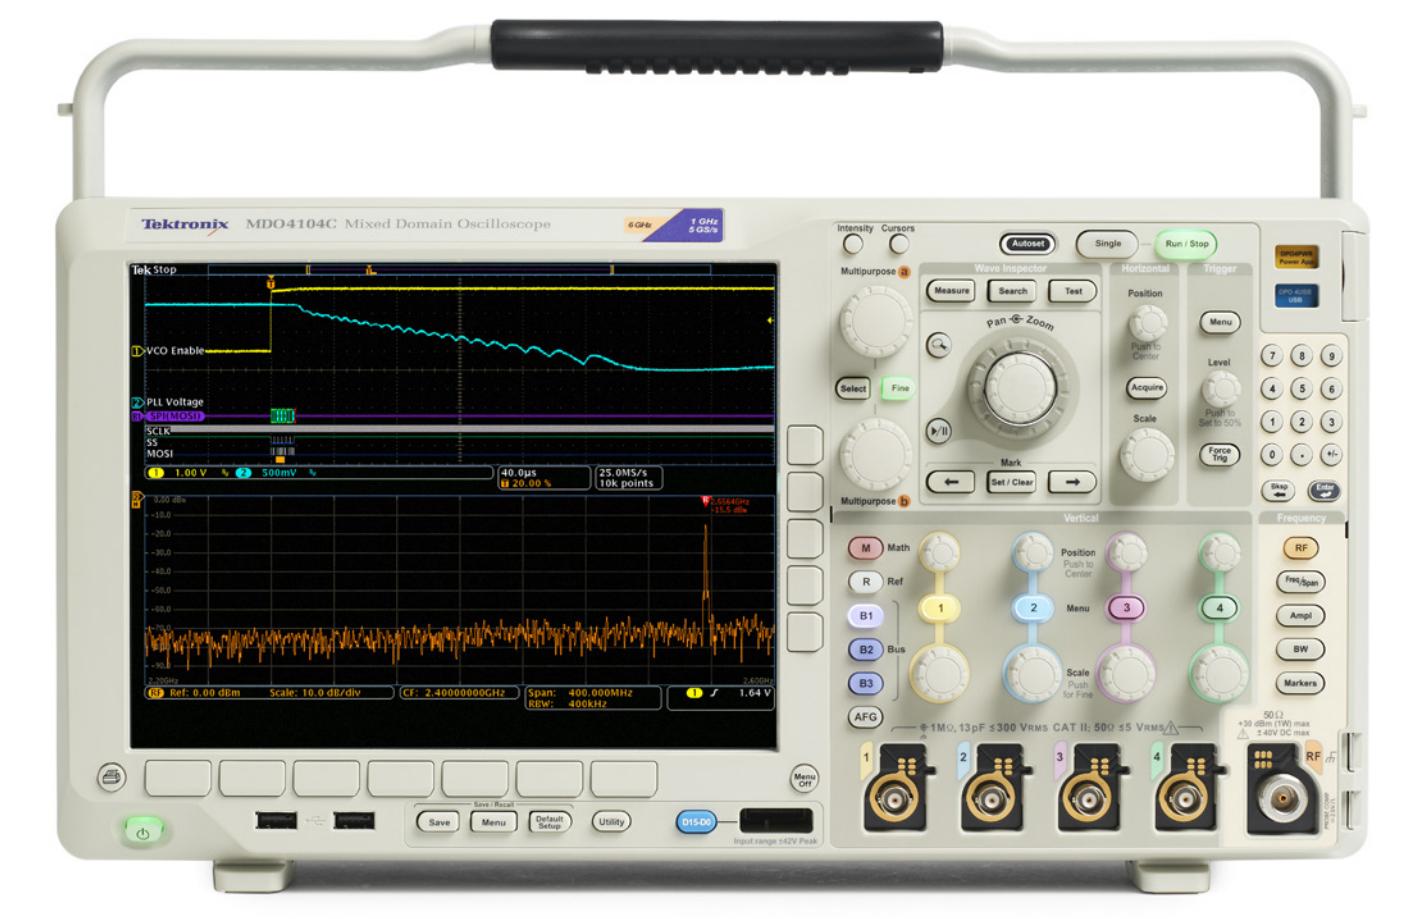 MDO4000C-1-Hardware-pro